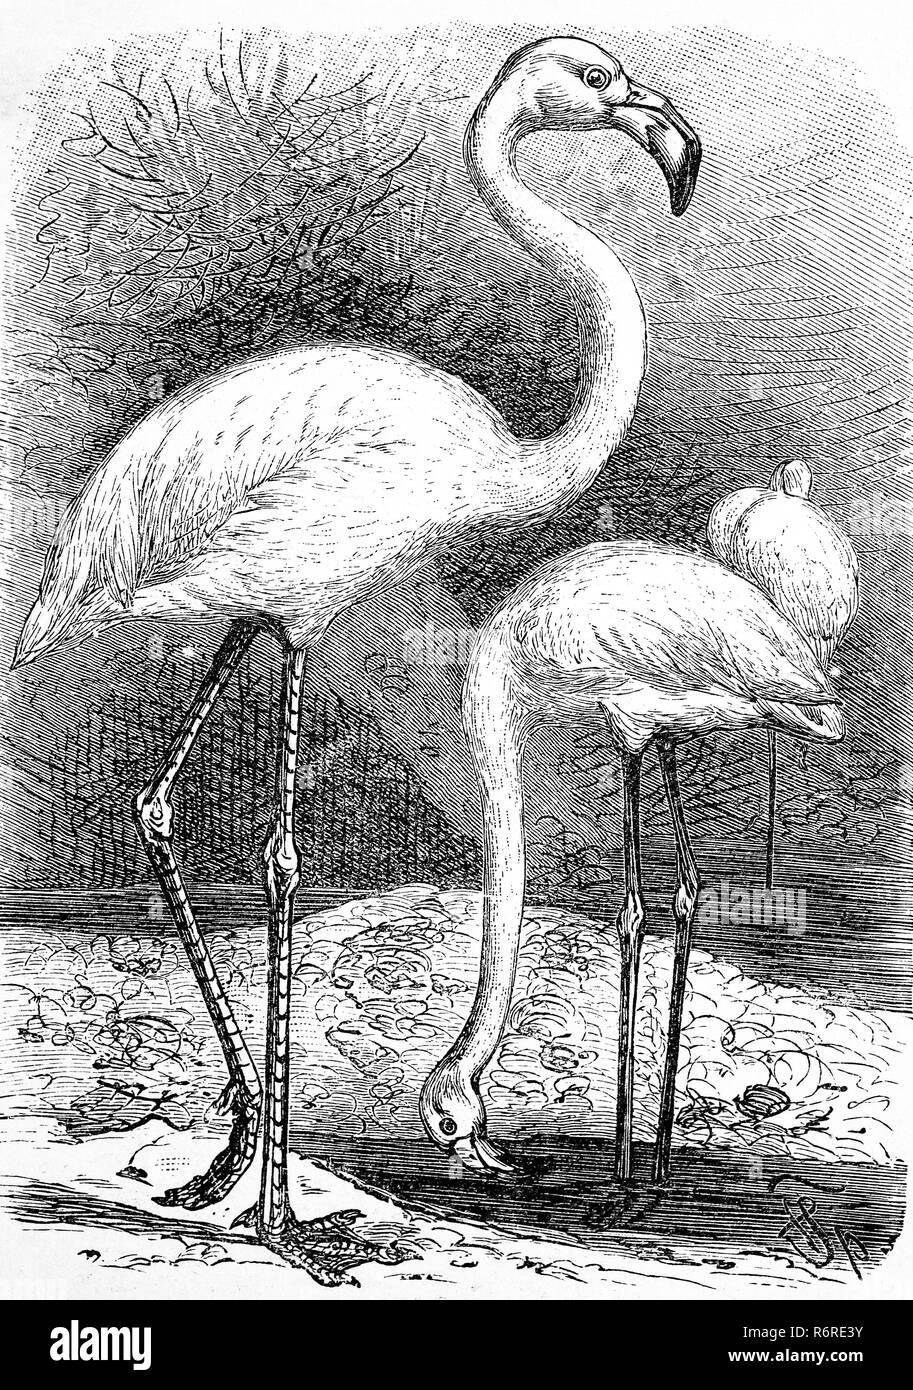 Digital riproduzione migliorata, fenicottero maggiore, großer fenicottero rosa Phoenicopterus roseus, stampa originale del XIX secolo Immagini Stock